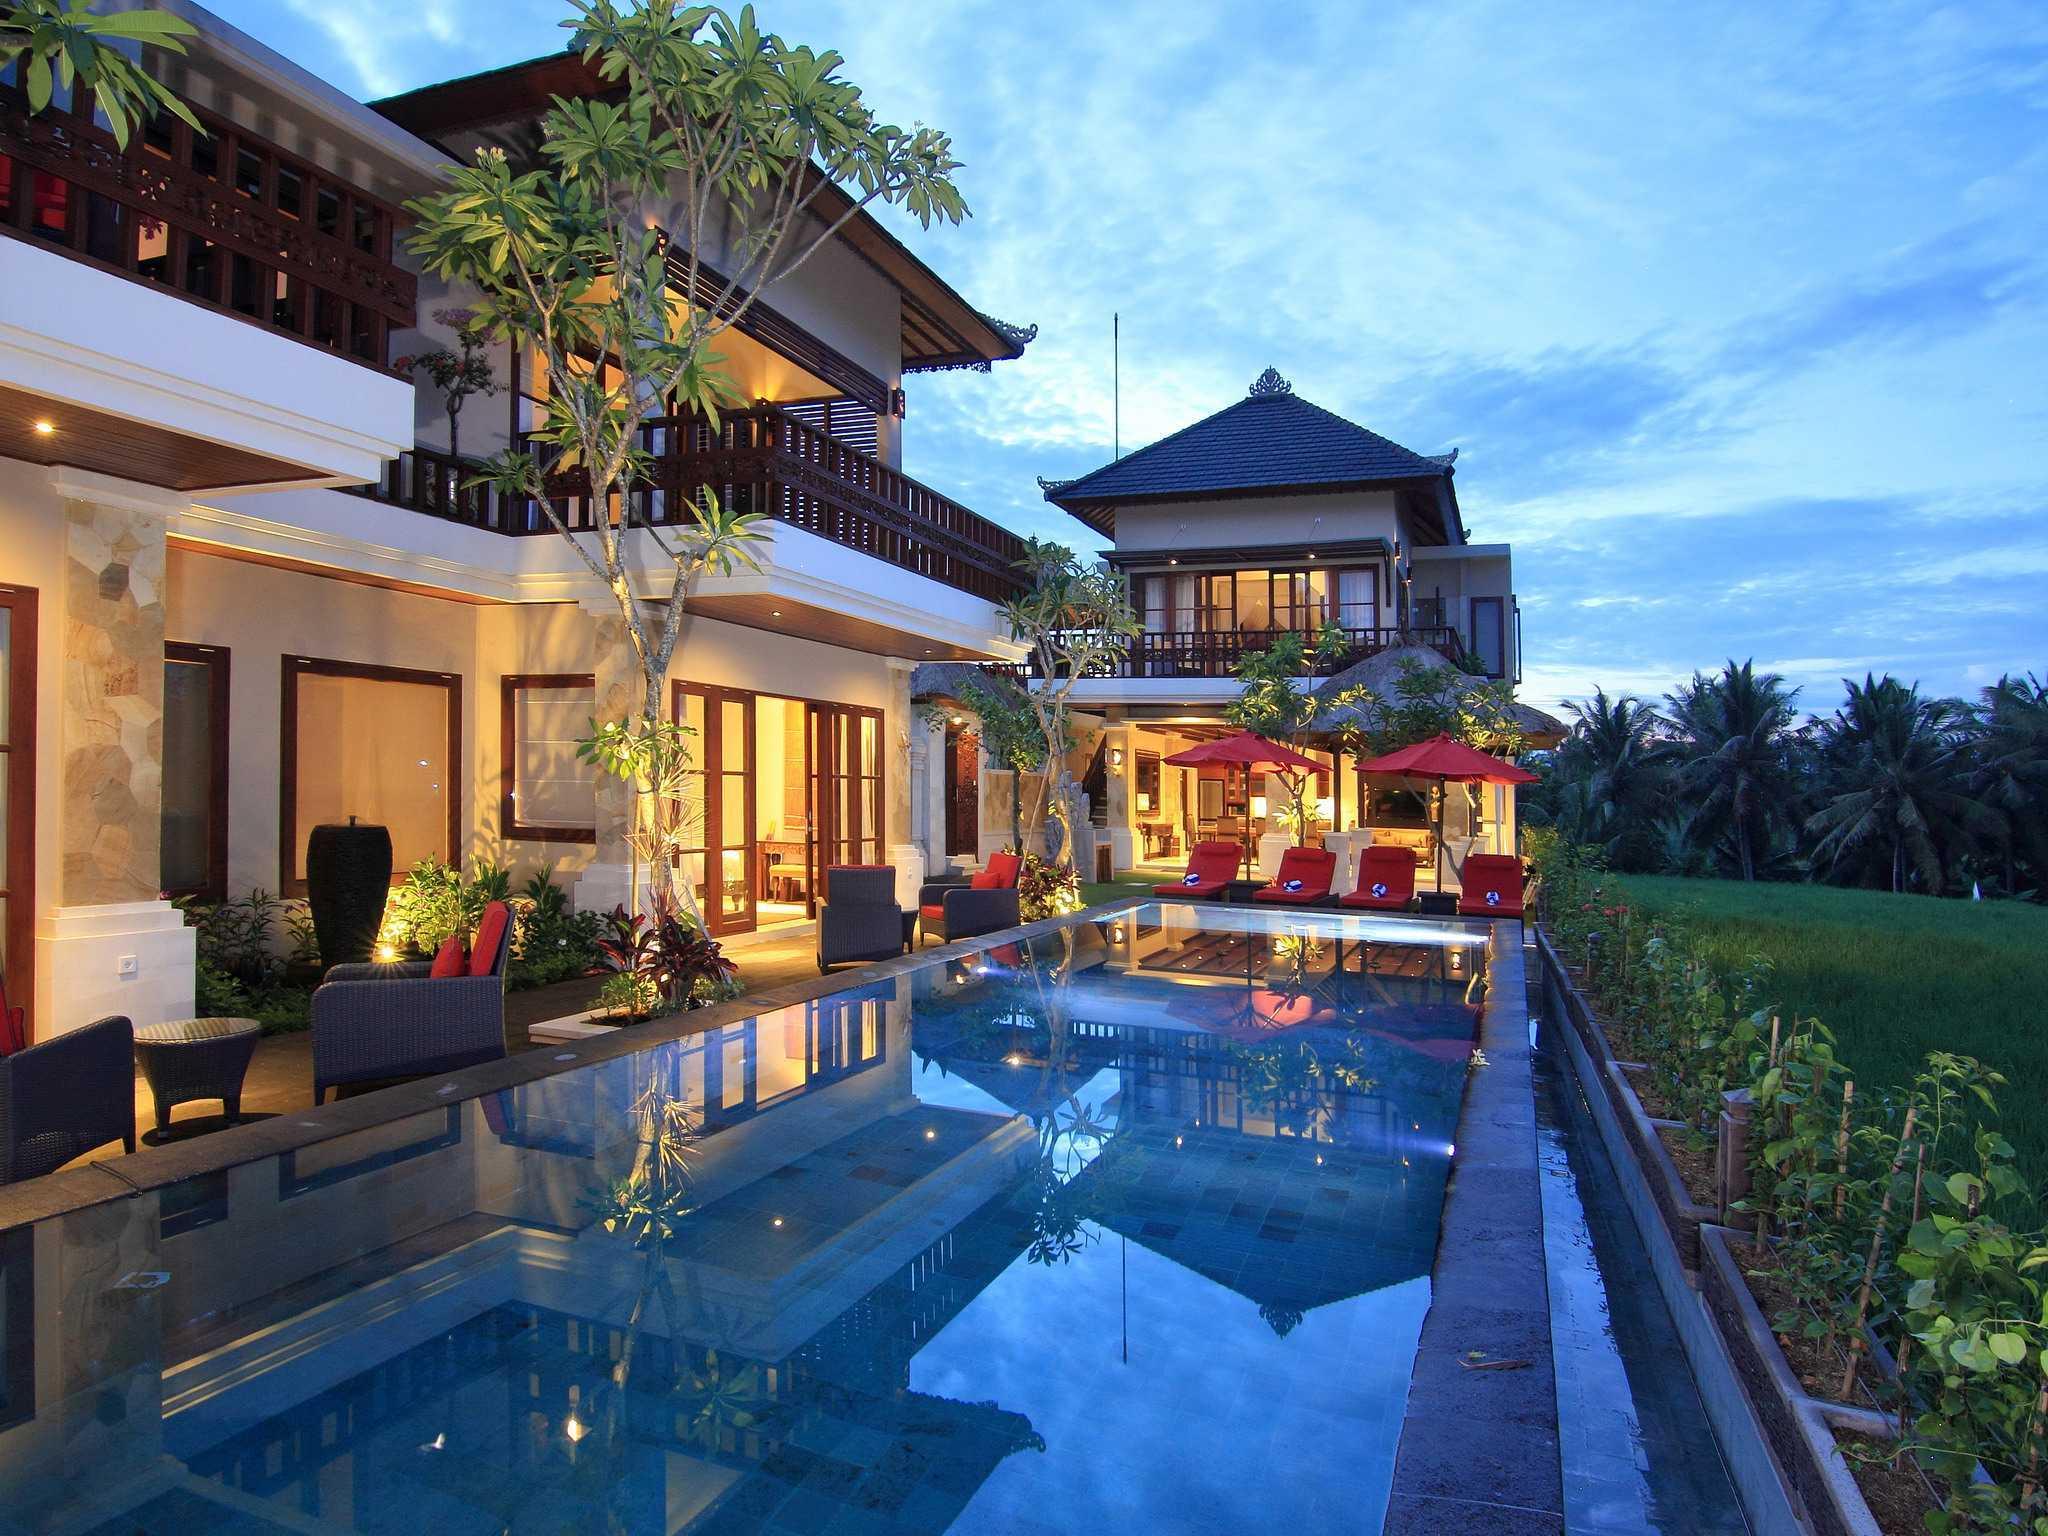 Made Dharmendra Architect Villa Umastana Ubud, Kabupaten Gianyar, Bali, Indonesia Ubud, Kabupaten Gianyar, Bali, Indonesia Swimming Pool View Tropical  49291